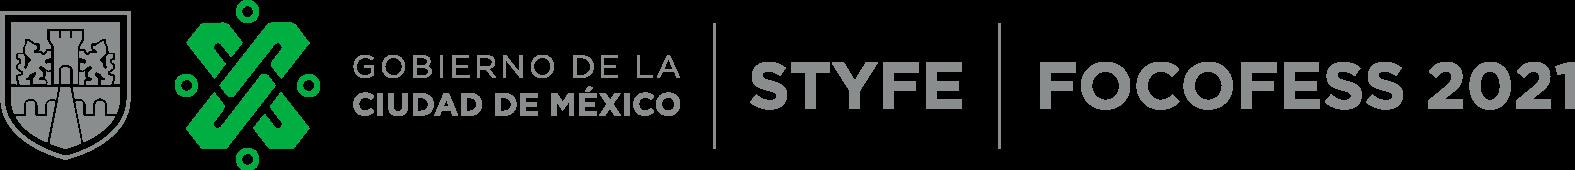 Logo del Gobierno de la Ciudad de México | STYFE | FOCOFESS 2021